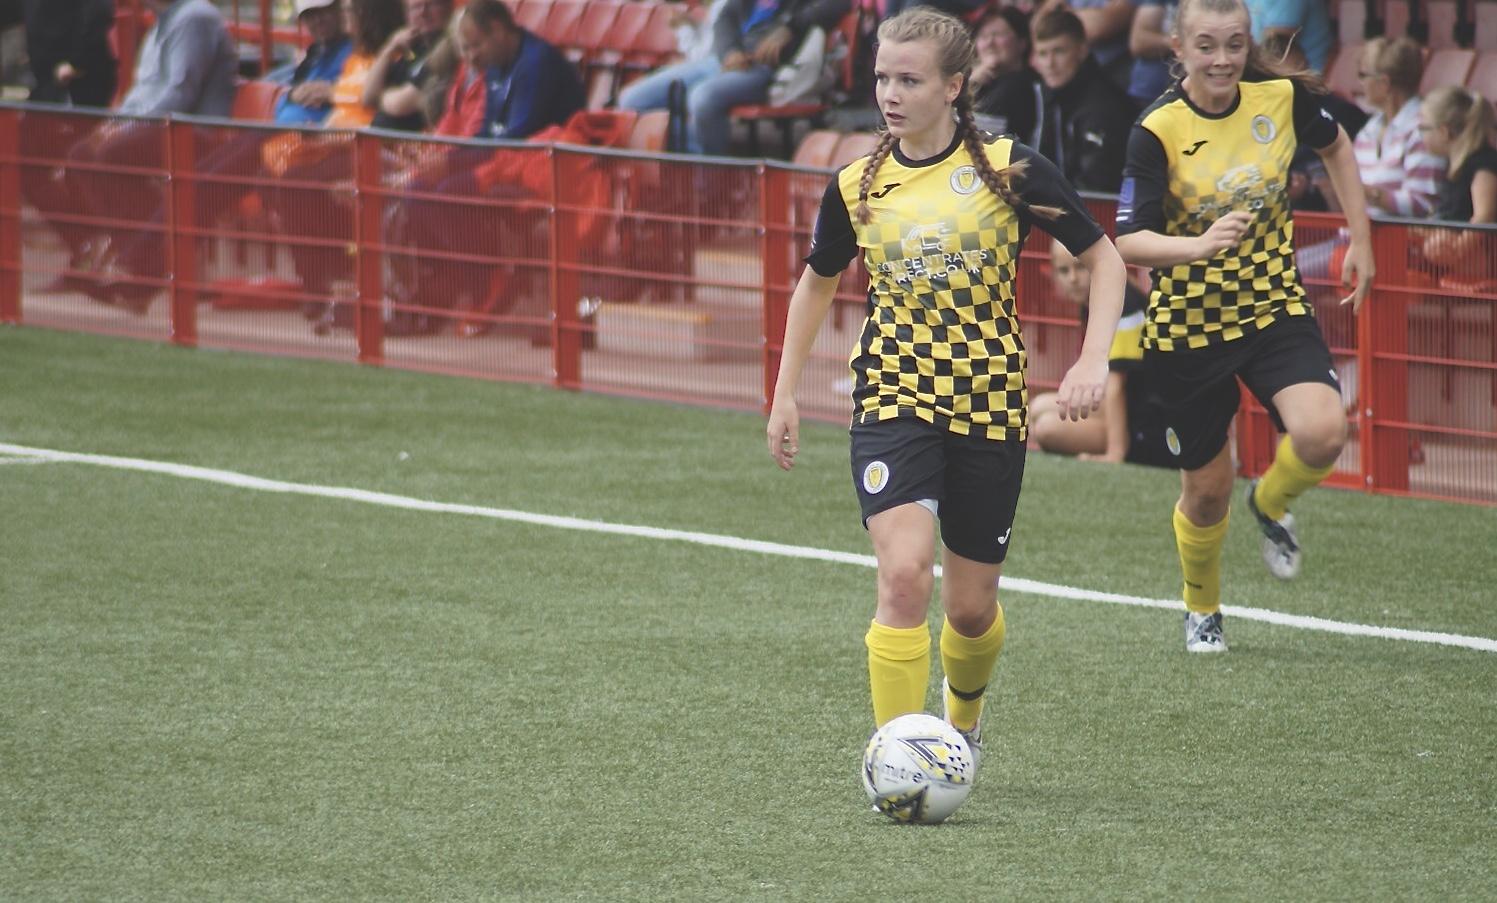 Burton Albion's Hayley Sutton